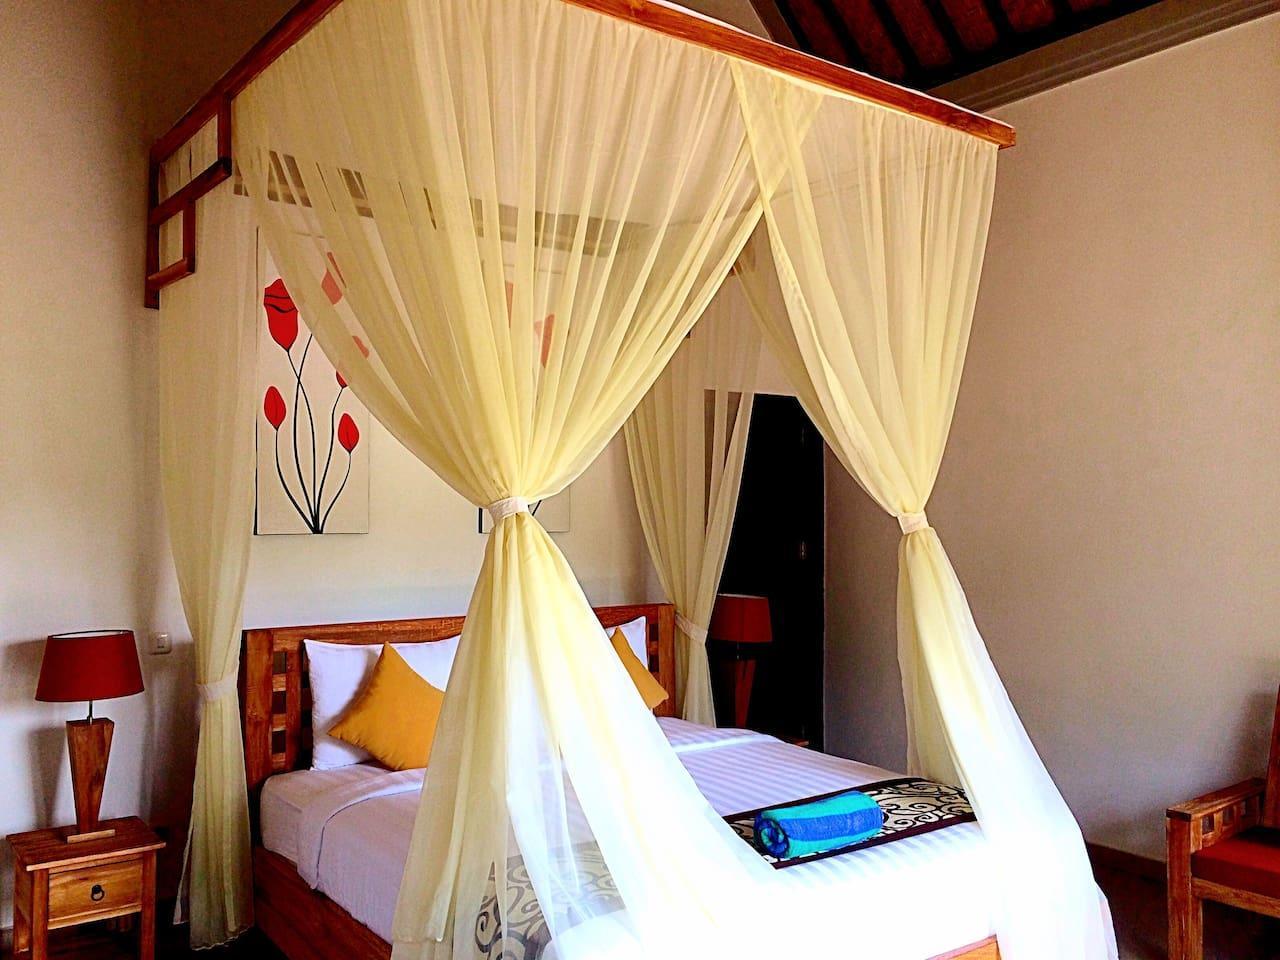 Hotel  1 Bedroom Villa Dupa Sriwedari - Jalan Sri Wedari - Bali